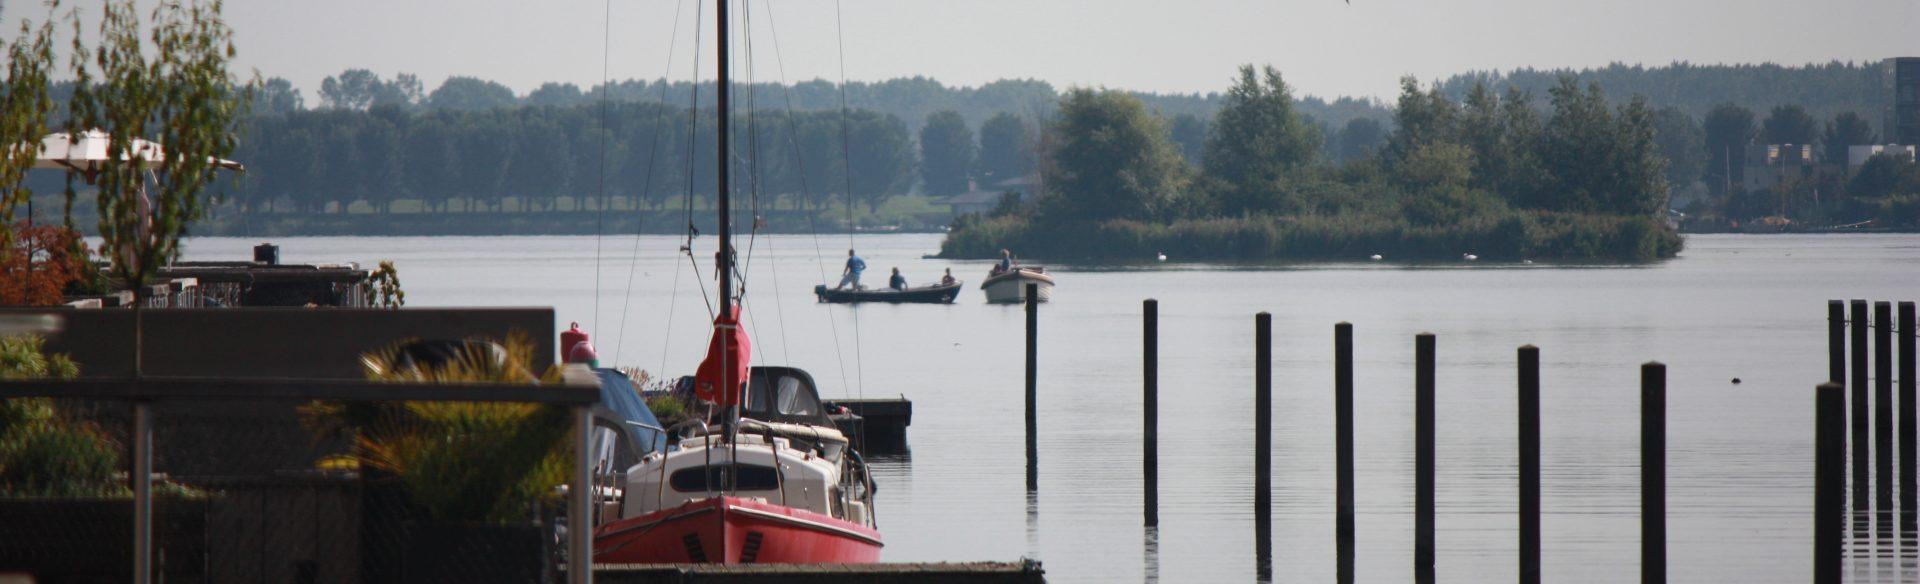 Wonen in Noorderplassen West